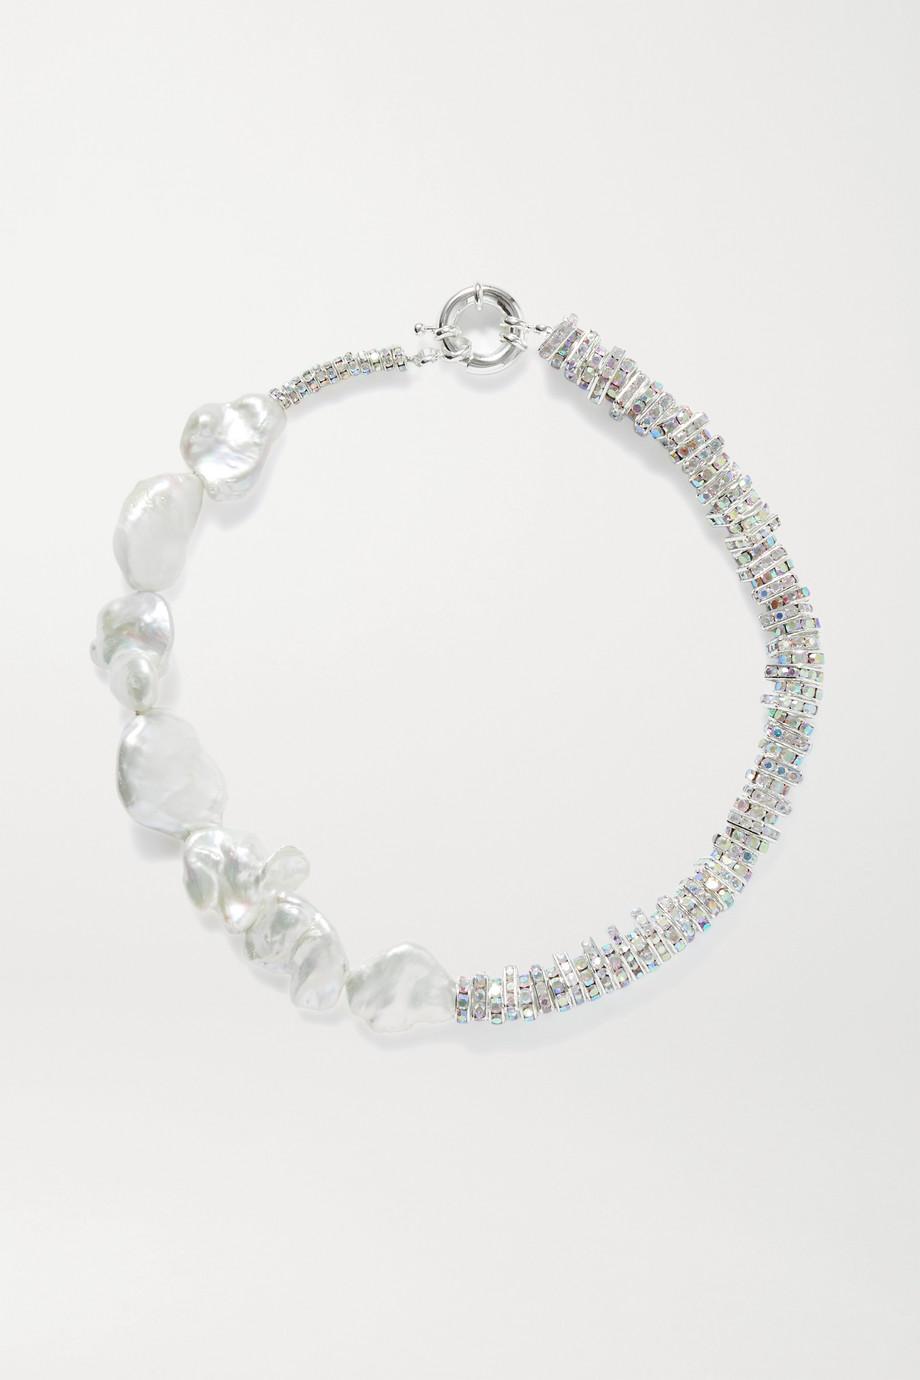 PEARL OCTOPUSS.Y Collier en plaqué argent, cristaux et perles